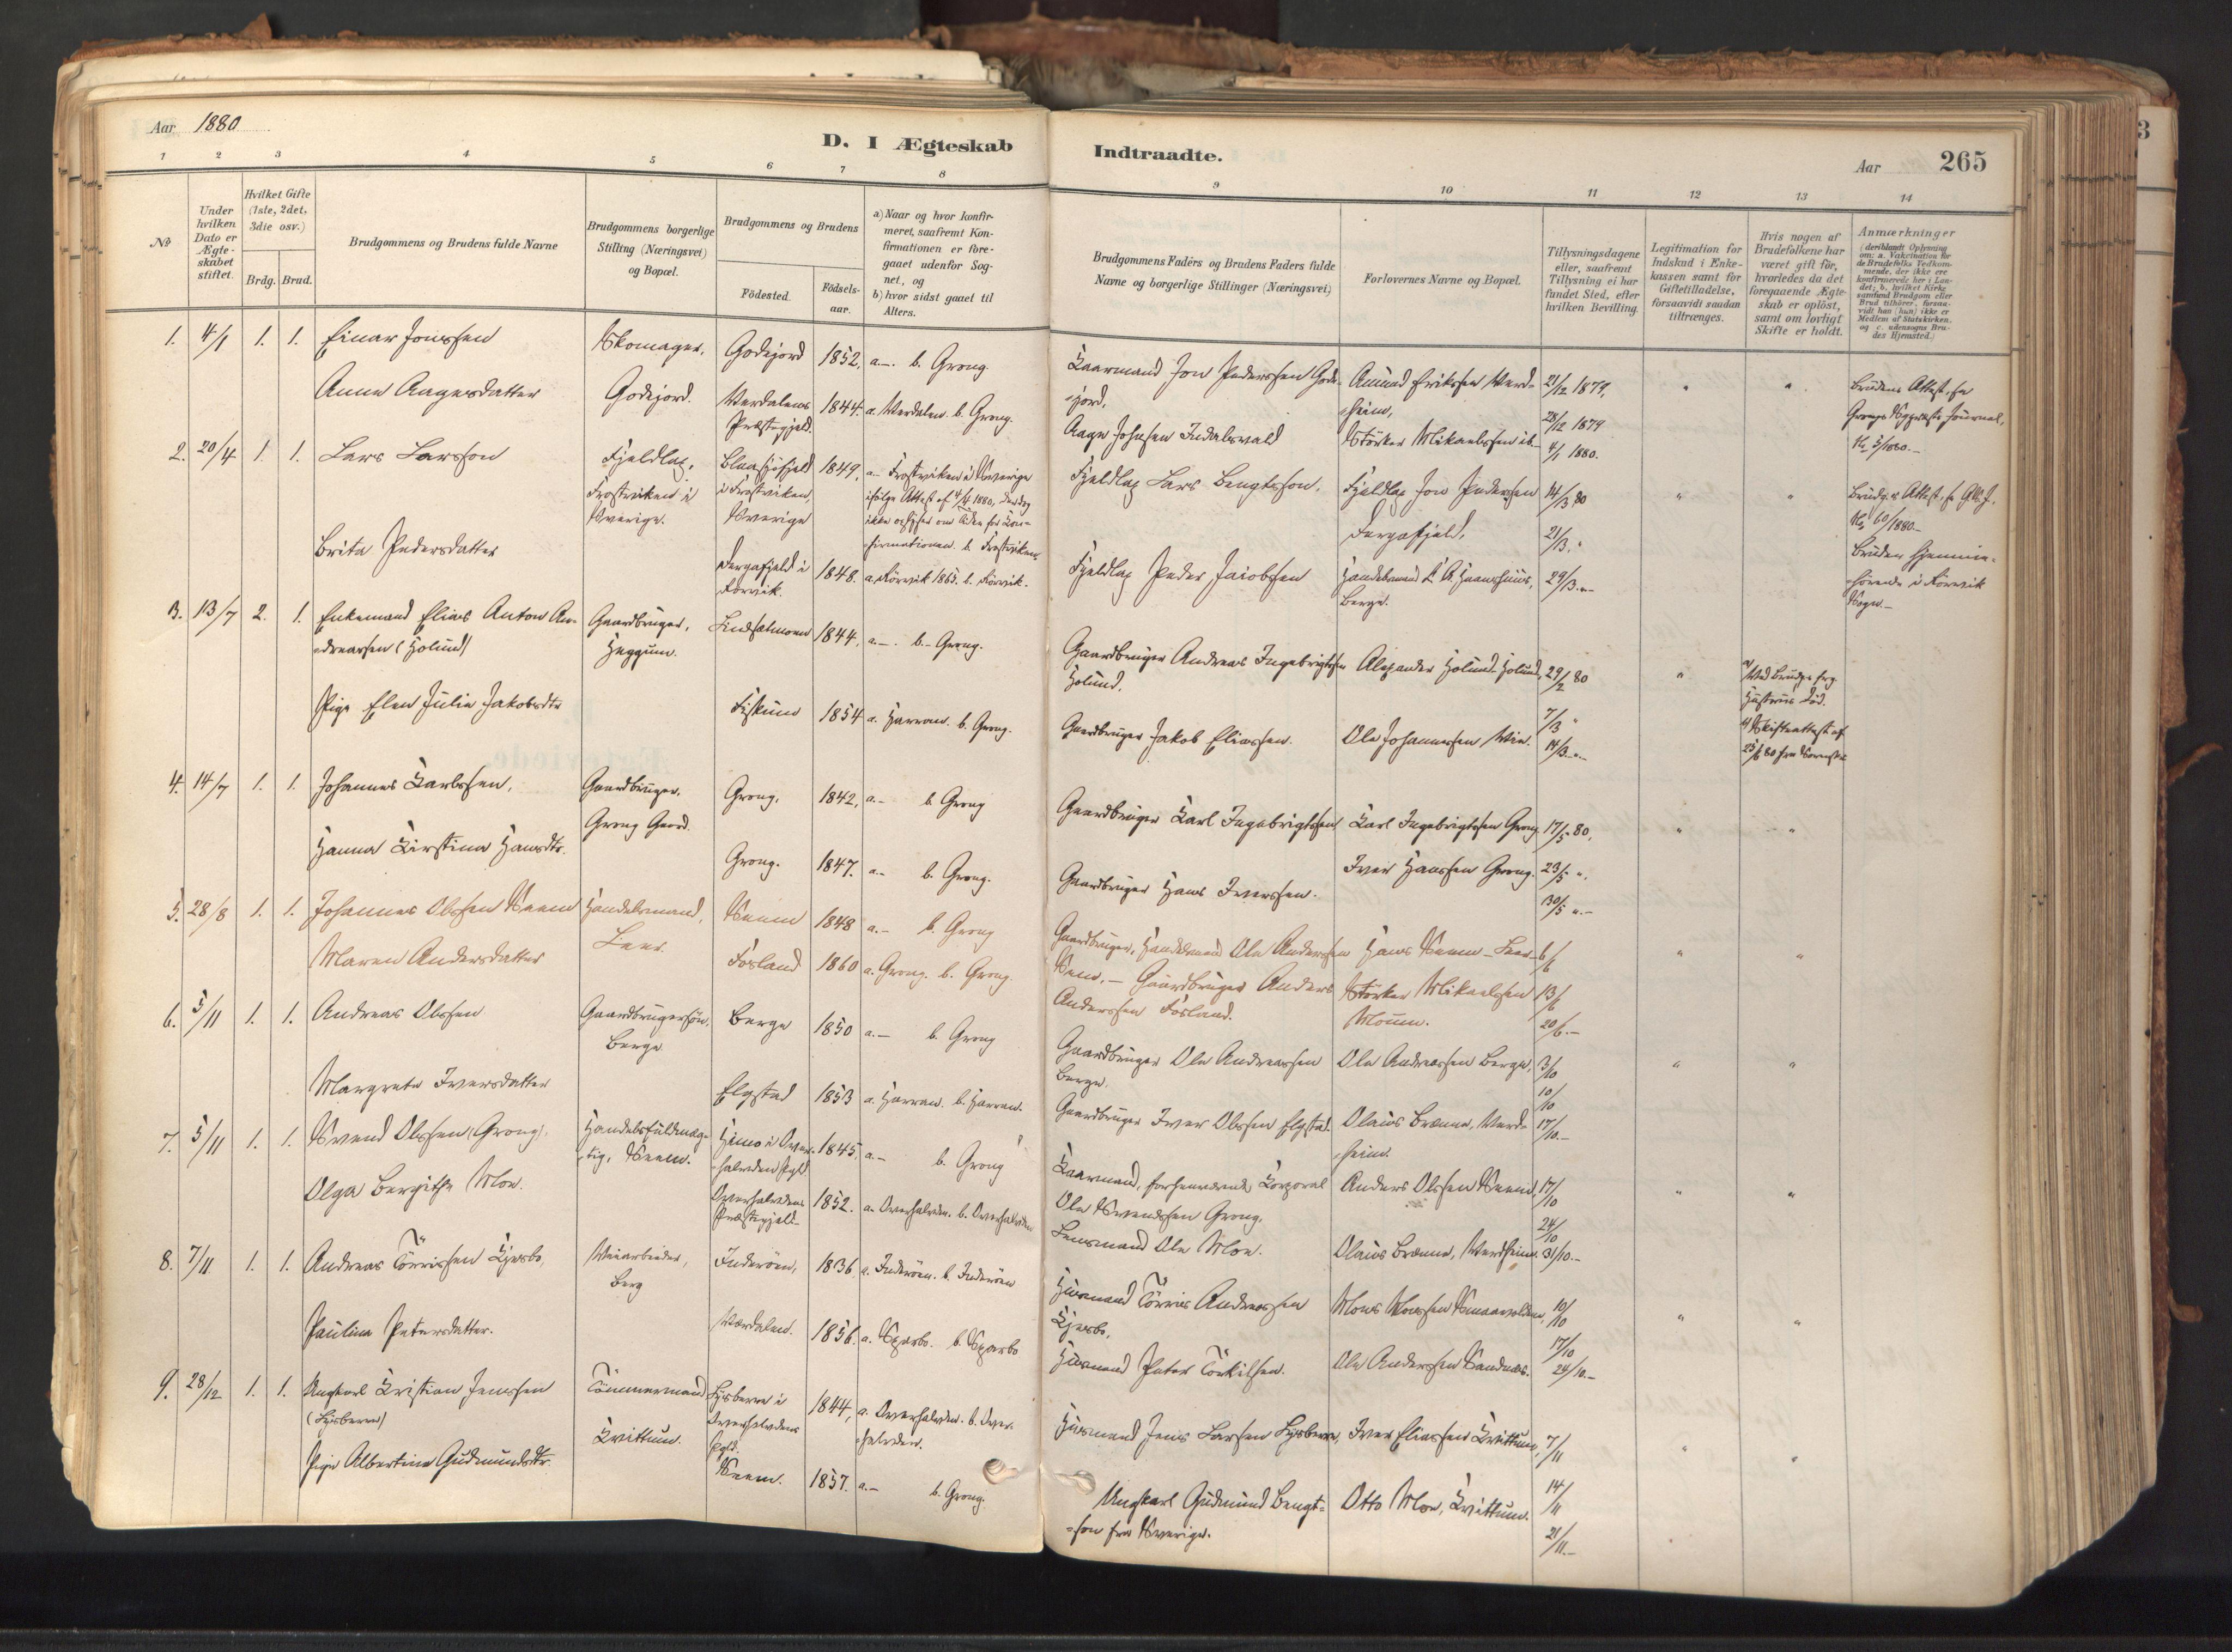 SAT, Ministerialprotokoller, klokkerbøker og fødselsregistre - Nord-Trøndelag, 758/L0519: Ministerialbok nr. 758A04, 1880-1926, s. 265